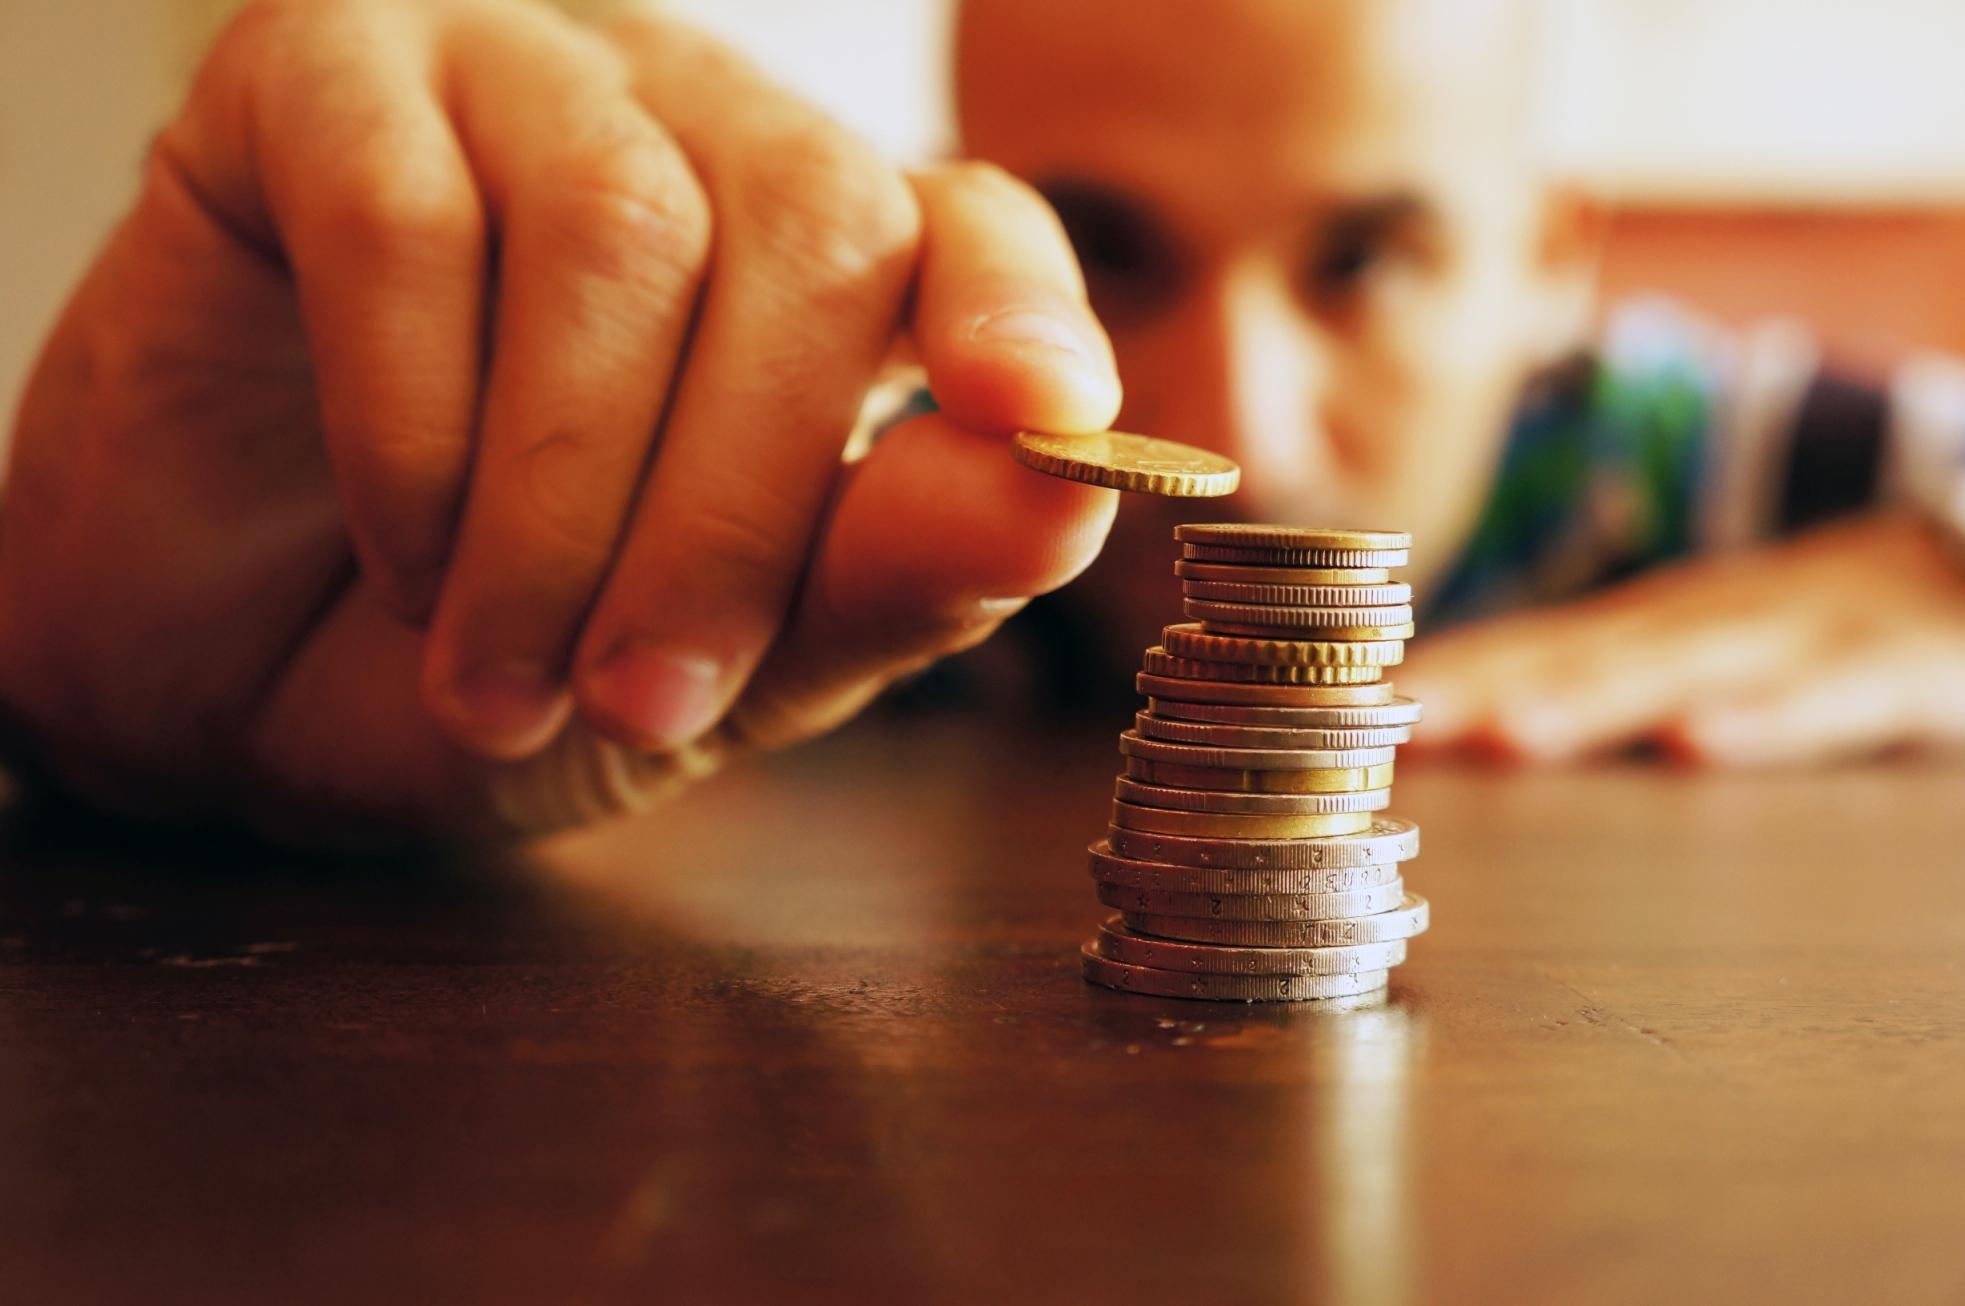 Займы от частных лиц по объявлениям отзывы дать объявление североморск